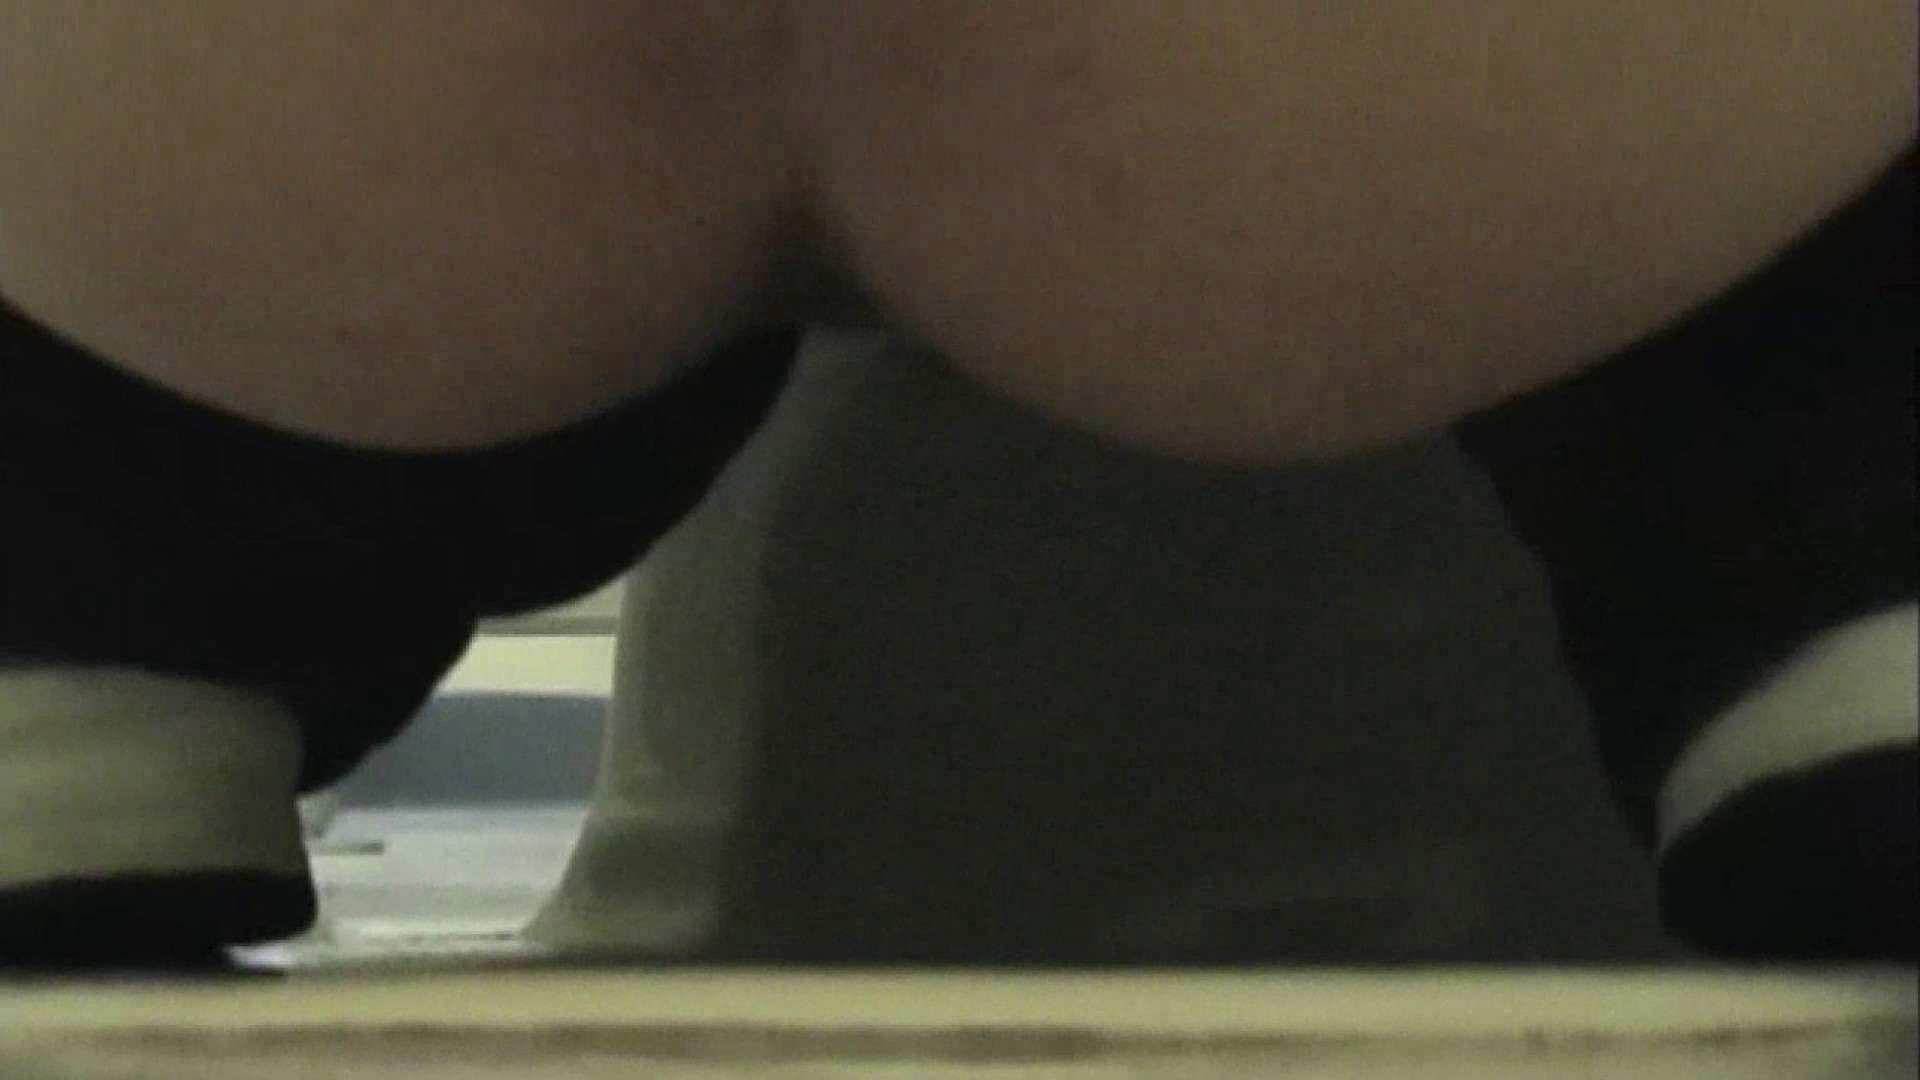 キレカワ女子大生の秘密の洗面所!Vol.010 放尿 ワレメ動画紹介 106PIX 7